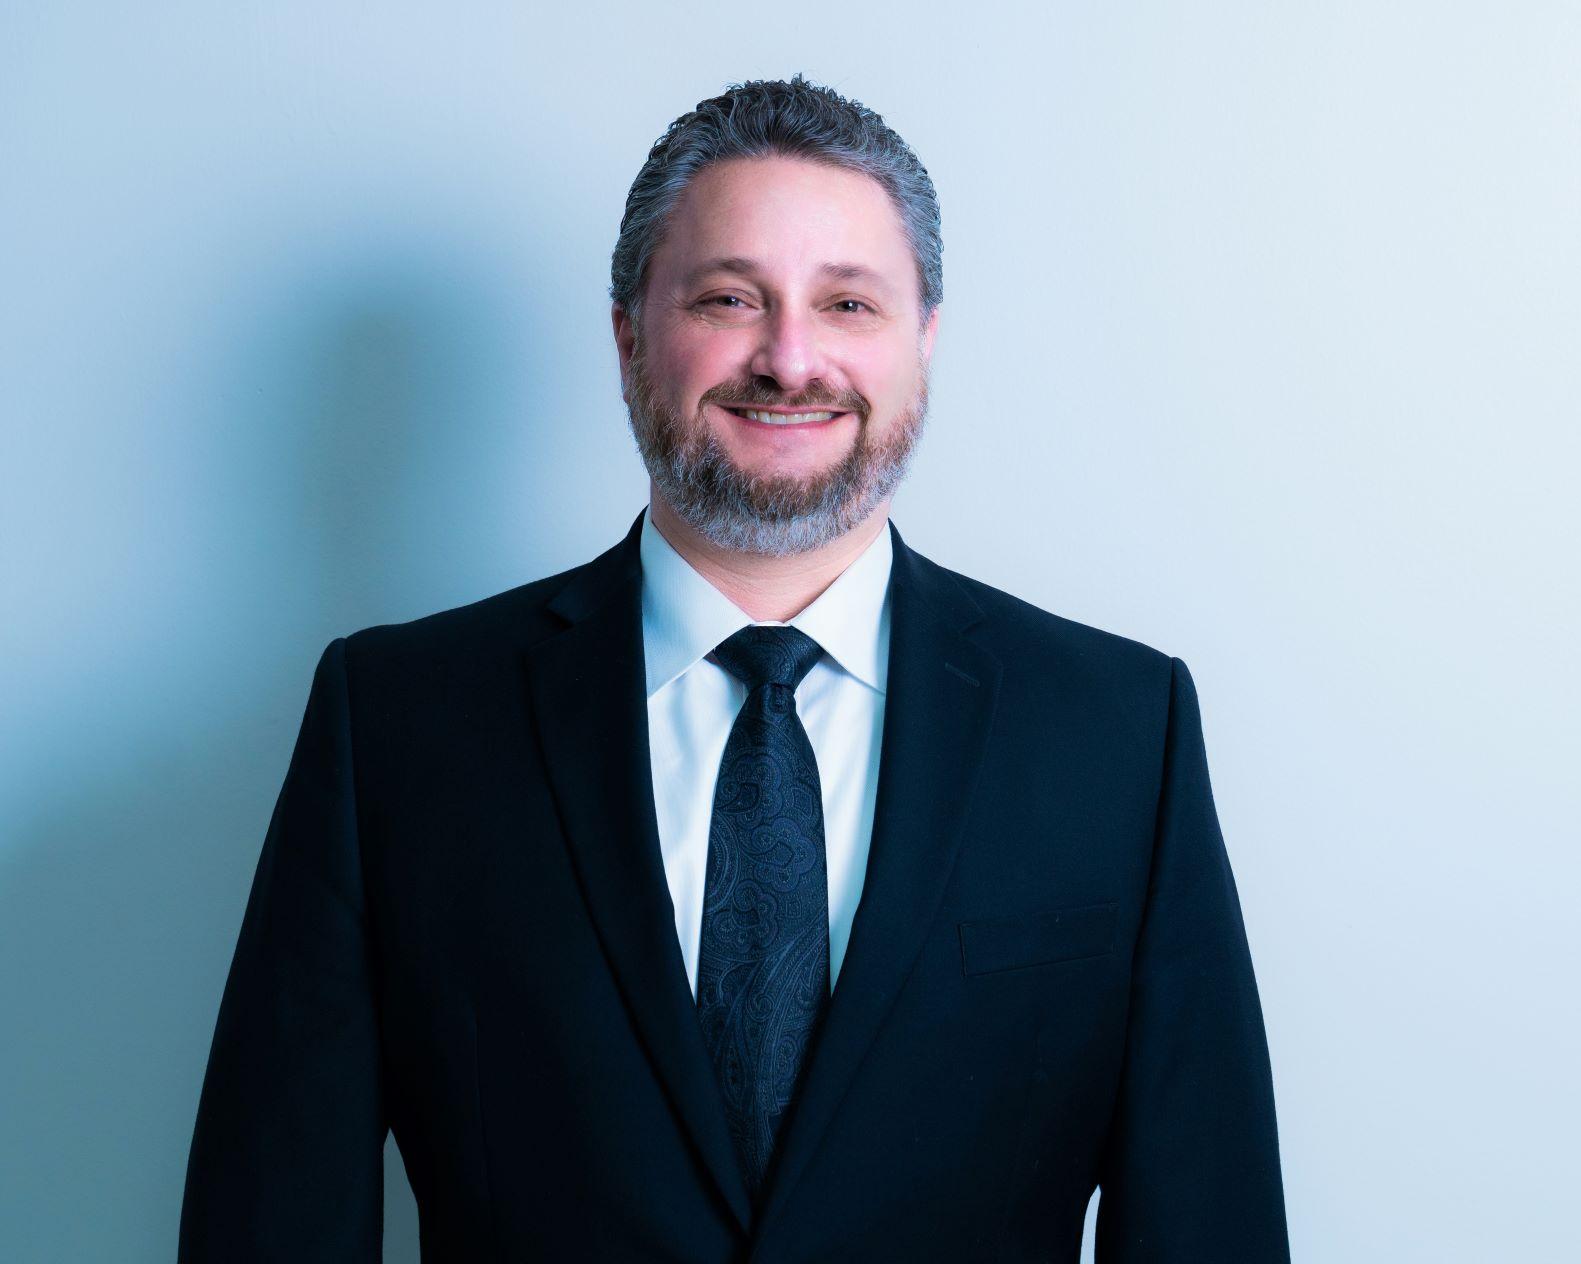 Адвокат в США - Marc L. Bebergal, Esq